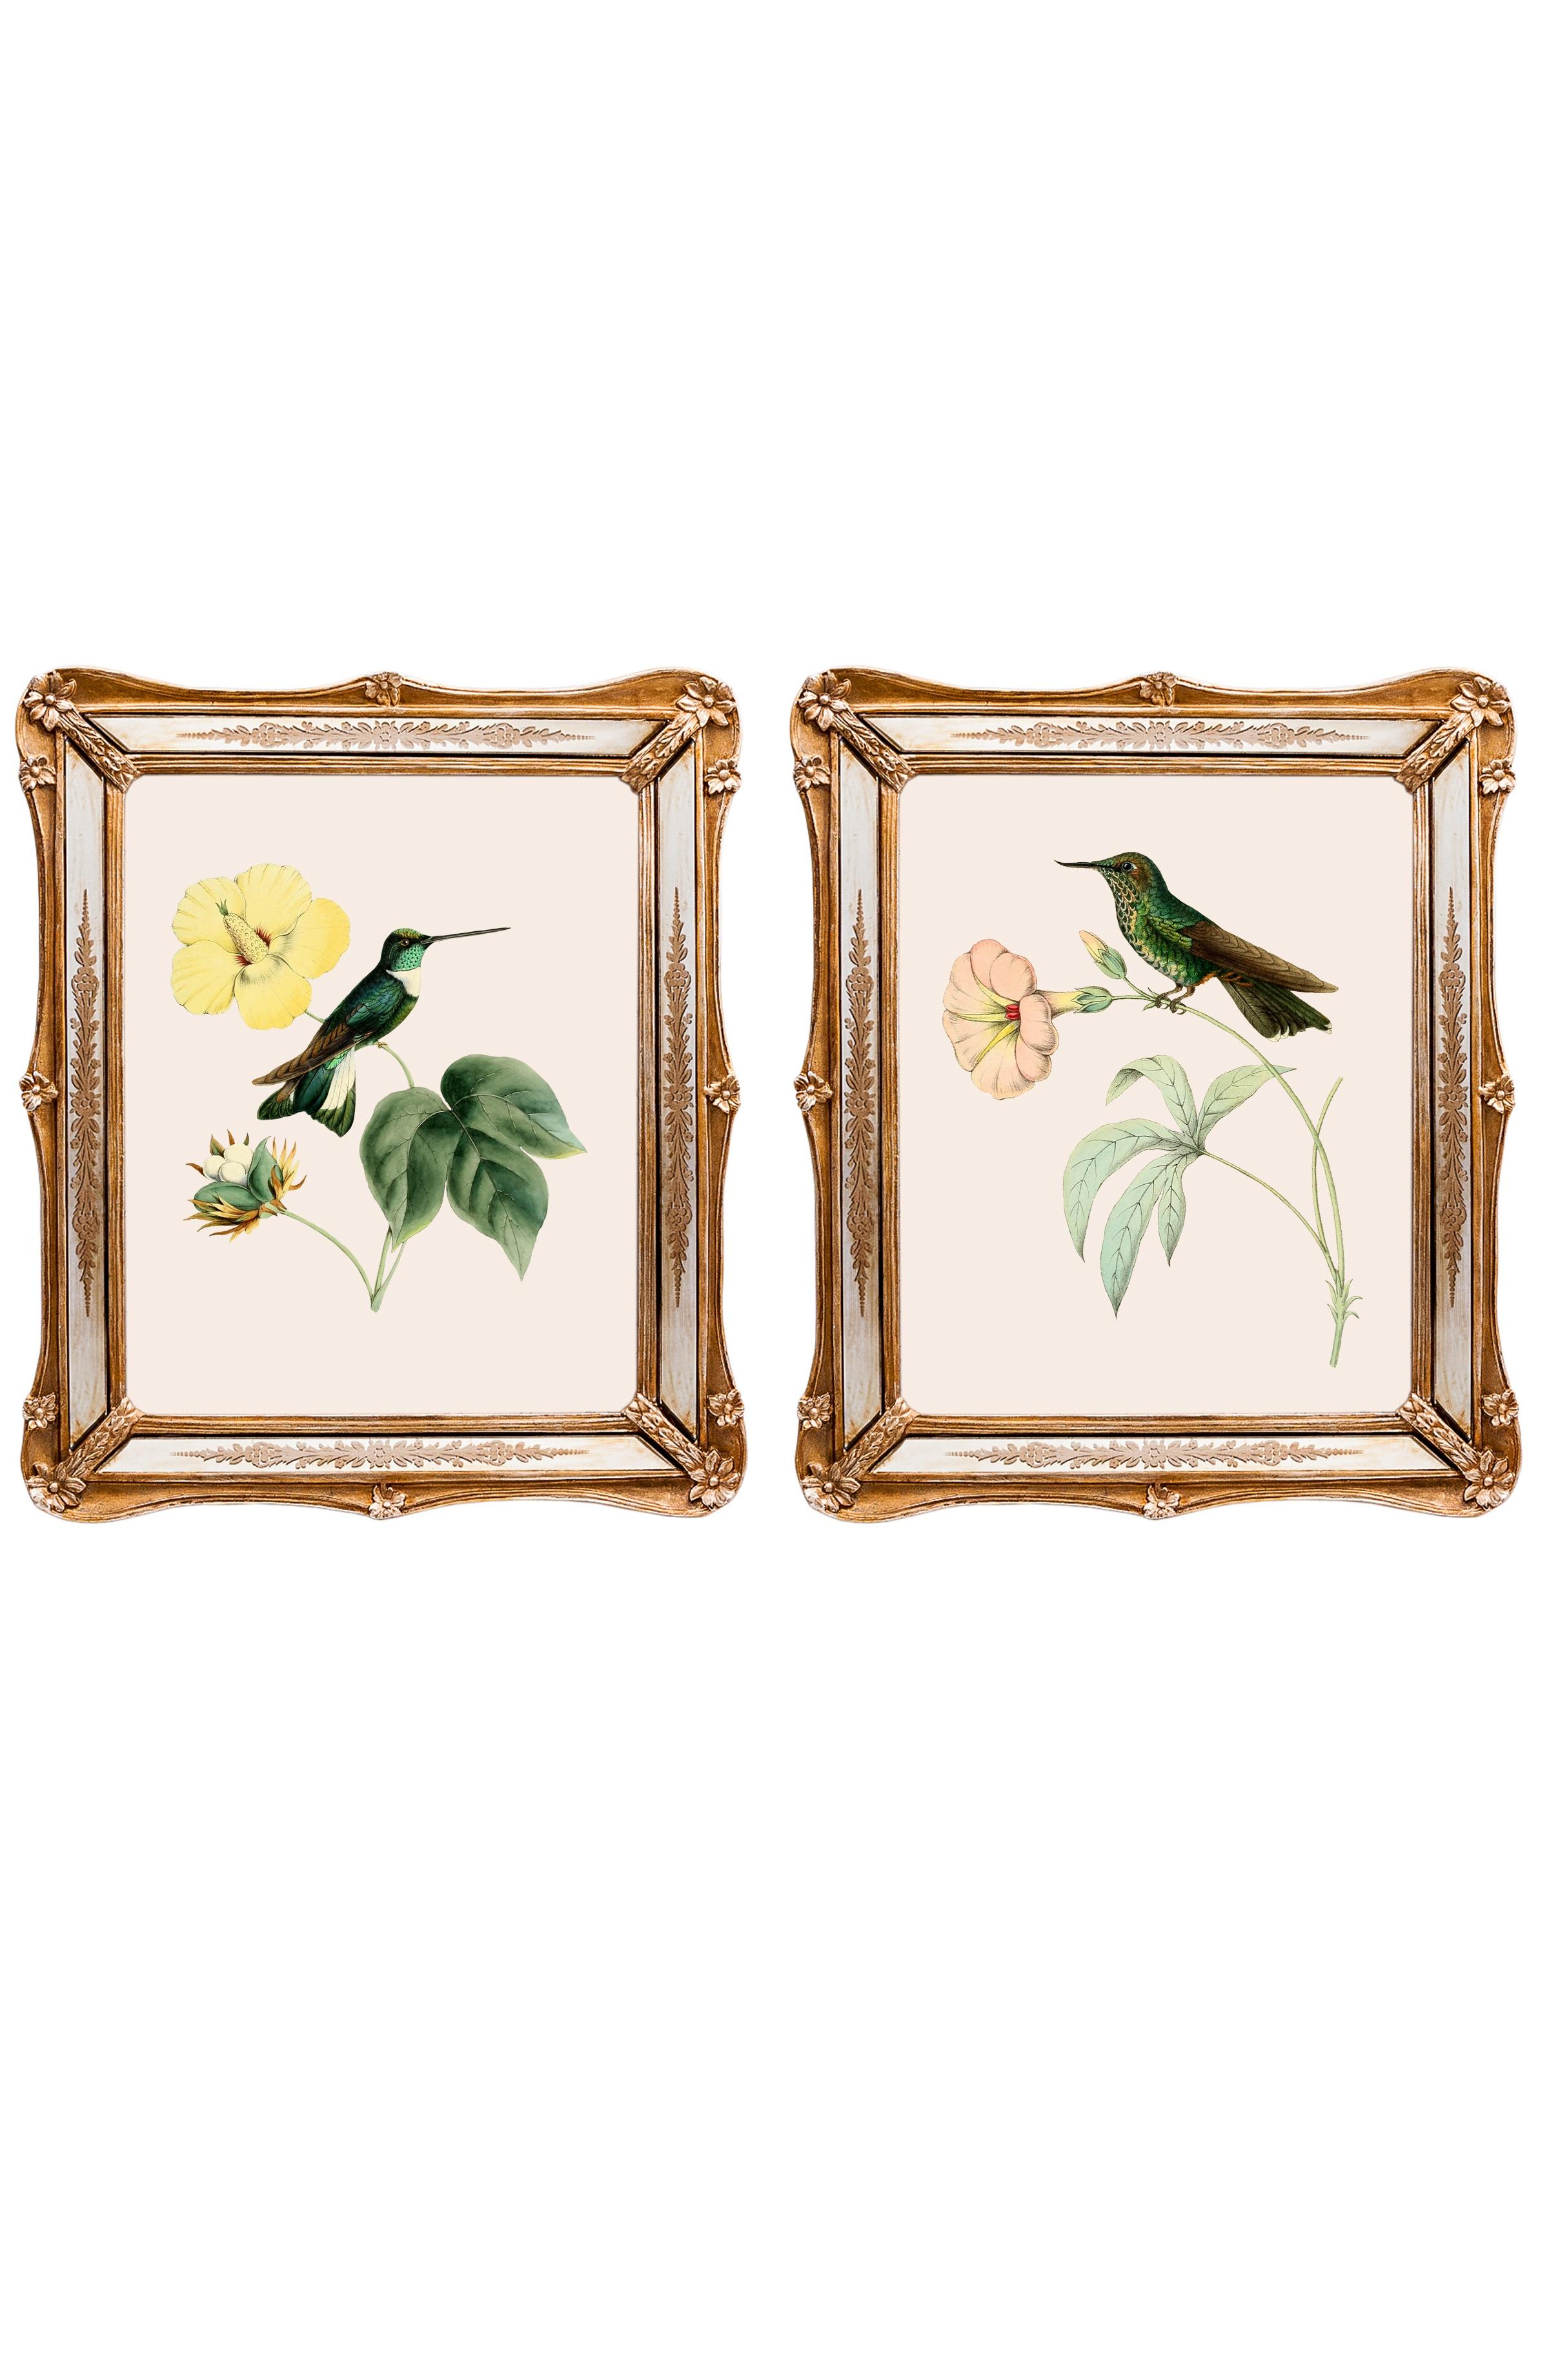 Набор из двух репродукций Софи.Картины<br>&amp;lt;div&amp;gt;Репродукции акварелистов 19 века удовлетворят даже самый взыскательный вкус. Как очаровательны эти экзотические птицы! Красота оперения наталкивает на мысль, что это райские создания. Репродукции акварелей, обрамленные в великолепные рамы с зеркальными вставками, созданы удивлять и ежедневно дарить прекрасное настроение. Картины можно повесить на стену, а можно поставить, например, на стол или камин. Защитный стеклянный слой сохранит изображение от воздействий окружающей среды. Если Вам захочется обновить интерьер, Вы можете с легкостью заменить изображение картины!&amp;lt;/div&amp;gt;&amp;lt;div&amp;gt;&amp;lt;br&amp;gt;&amp;lt;/div&amp;gt;&amp;lt;div&amp;gt;Изображение - дизайнерская бумага; рама - искуственный камень, зеркальные вставки; защитный слой - стекло&amp;amp;nbsp;&amp;lt;/div&amp;gt;&amp;lt;div&amp;gt;цвет:мультиколор&amp;amp;nbsp;&amp;lt;/div&amp;gt;<br><br>Material: Бумага<br>Width см: 26,5<br>Depth см: 2<br>Height см: 30,5